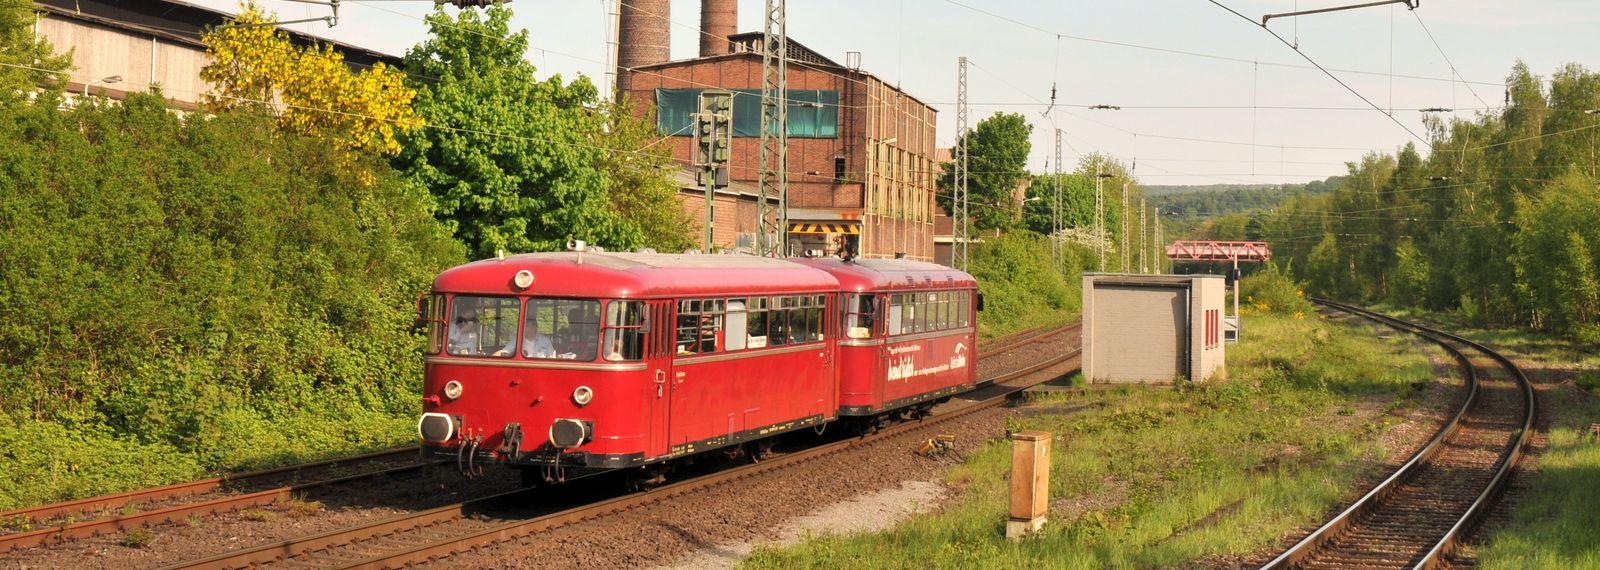 Bild der RuhrtalBahn Schienenkreuzfahrt Ost